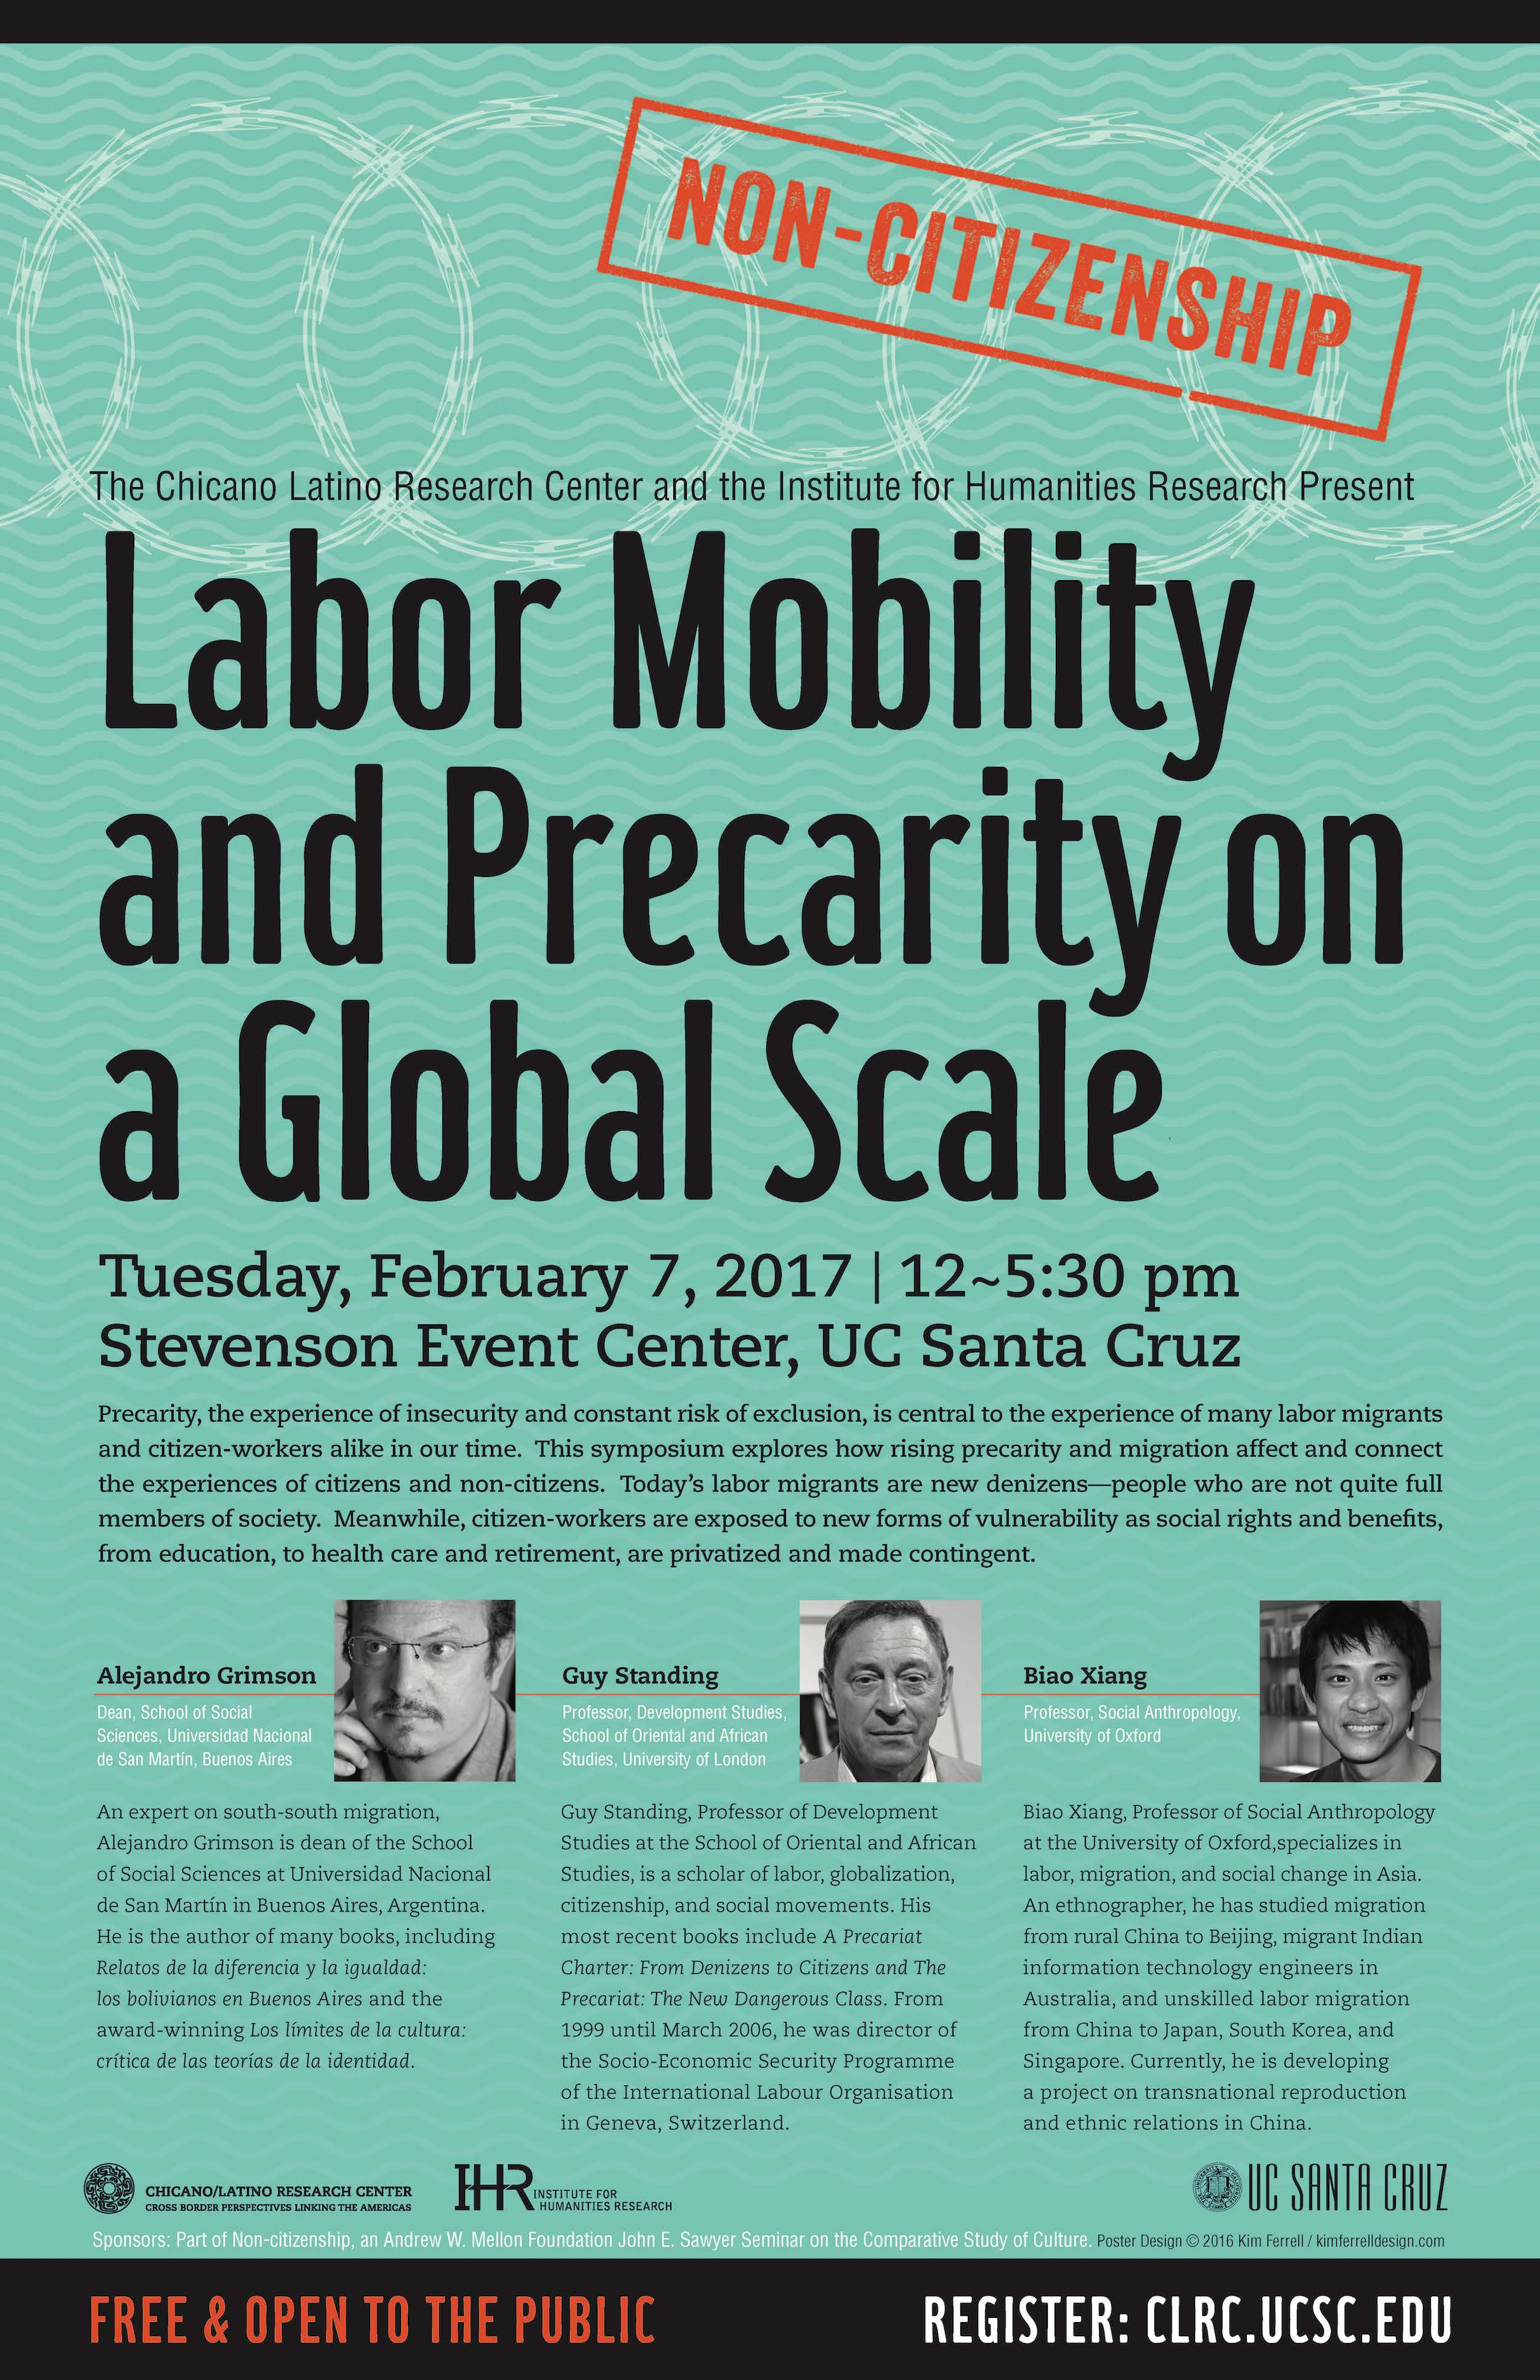 Labor Mobility Precarity event poster